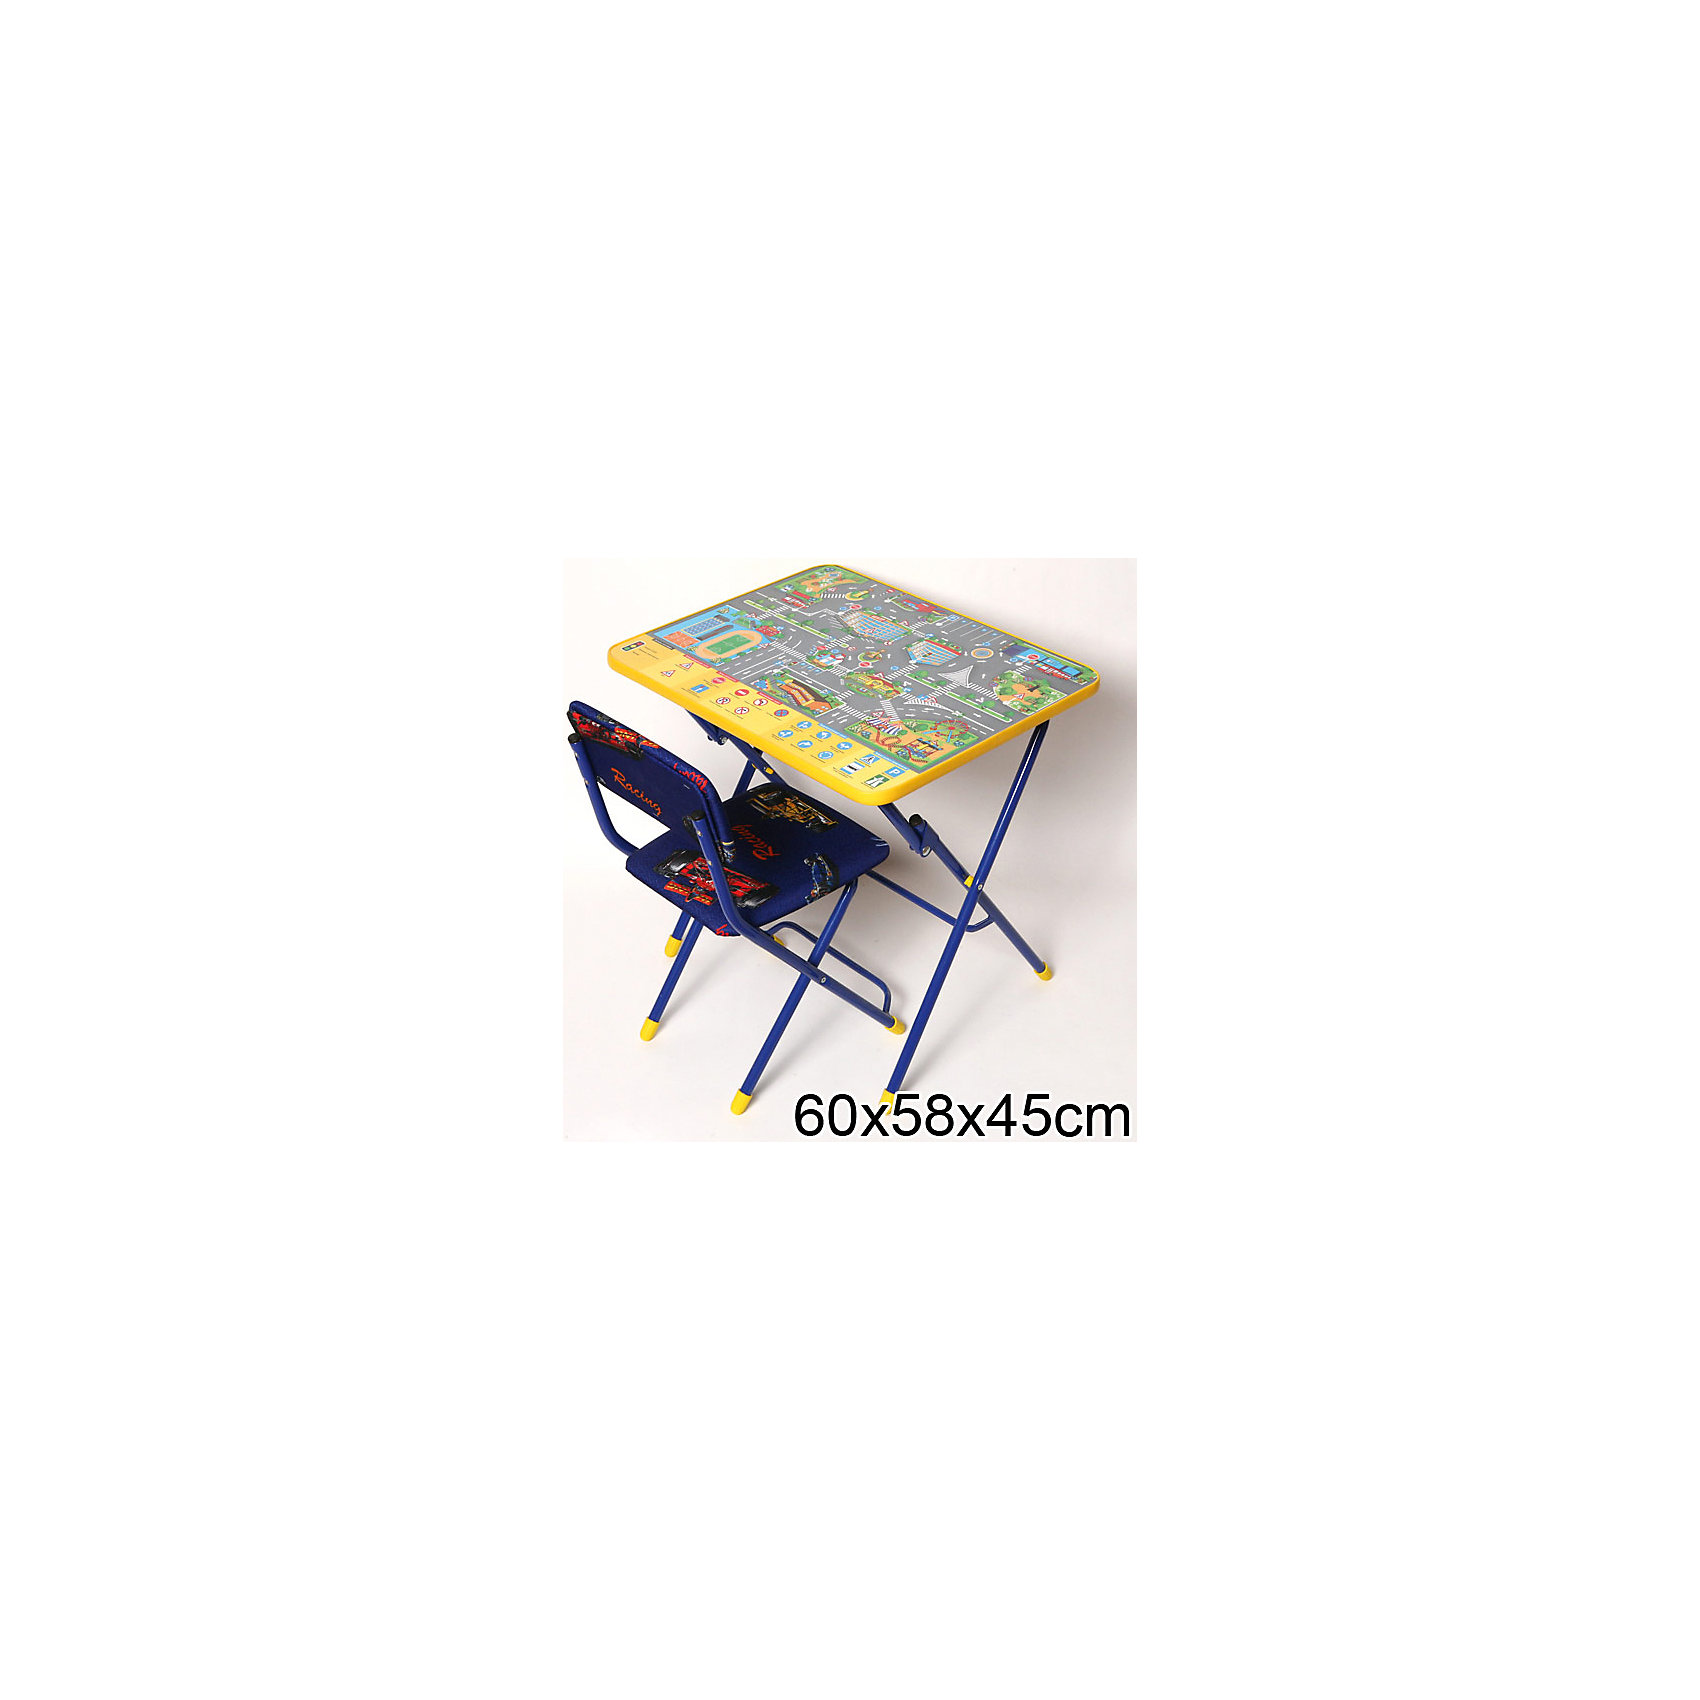 Набор мебели Правила дорожного движения (синий)Мебель<br>Симпатичный комфортный набор детской мебели Правила дорожного движения идеально подойдет для занятий, игр и творчества детей 3 -7 лет. В набор входят стол и стул с металлическим каркасом и мягким сиденьем. Пластиковая столешница оформлена красочными тематическими рисунками, которые познакомят ребенка с правилами дорожного движения, светофором, разметкой и дорожными знаками. На поверхности стола можно рисовать маркером на водной основе. Мебель удобна и безопасна для ребенка, углы стола и стула мягко закруглены. Ножки снабжены наконечниками, предотвращающими скольжение. Стул и стол легко складываются и не занимают много места при хранении.<br><br>Дополнительная информация:<br><br>- В комплекте: складной стол, мягкий складной стул.<br>- Материал: пластик, металл.<br>- Размер стула: высота до сиденья - 32 см., высота со спинкой - 57 см., размер сиденья - 31 х 27 см.<br>- Размер стола: 60 х 58 х 45 см.<br>- Размер упаковки: 75 х 60 х 15 см.<br>- Вес: 8,2 кг.<br><br>Набор детской мебели Правила дорожного движения, Ника, можно купить в нашем интернет-магазине.<br><br>Ширина мм: 750<br>Глубина мм: 160<br>Высота мм: 610<br>Вес г: 8200<br>Возраст от месяцев: 36<br>Возраст до месяцев: 96<br>Пол: Унисекс<br>Возраст: Детский<br>SKU: 4652052